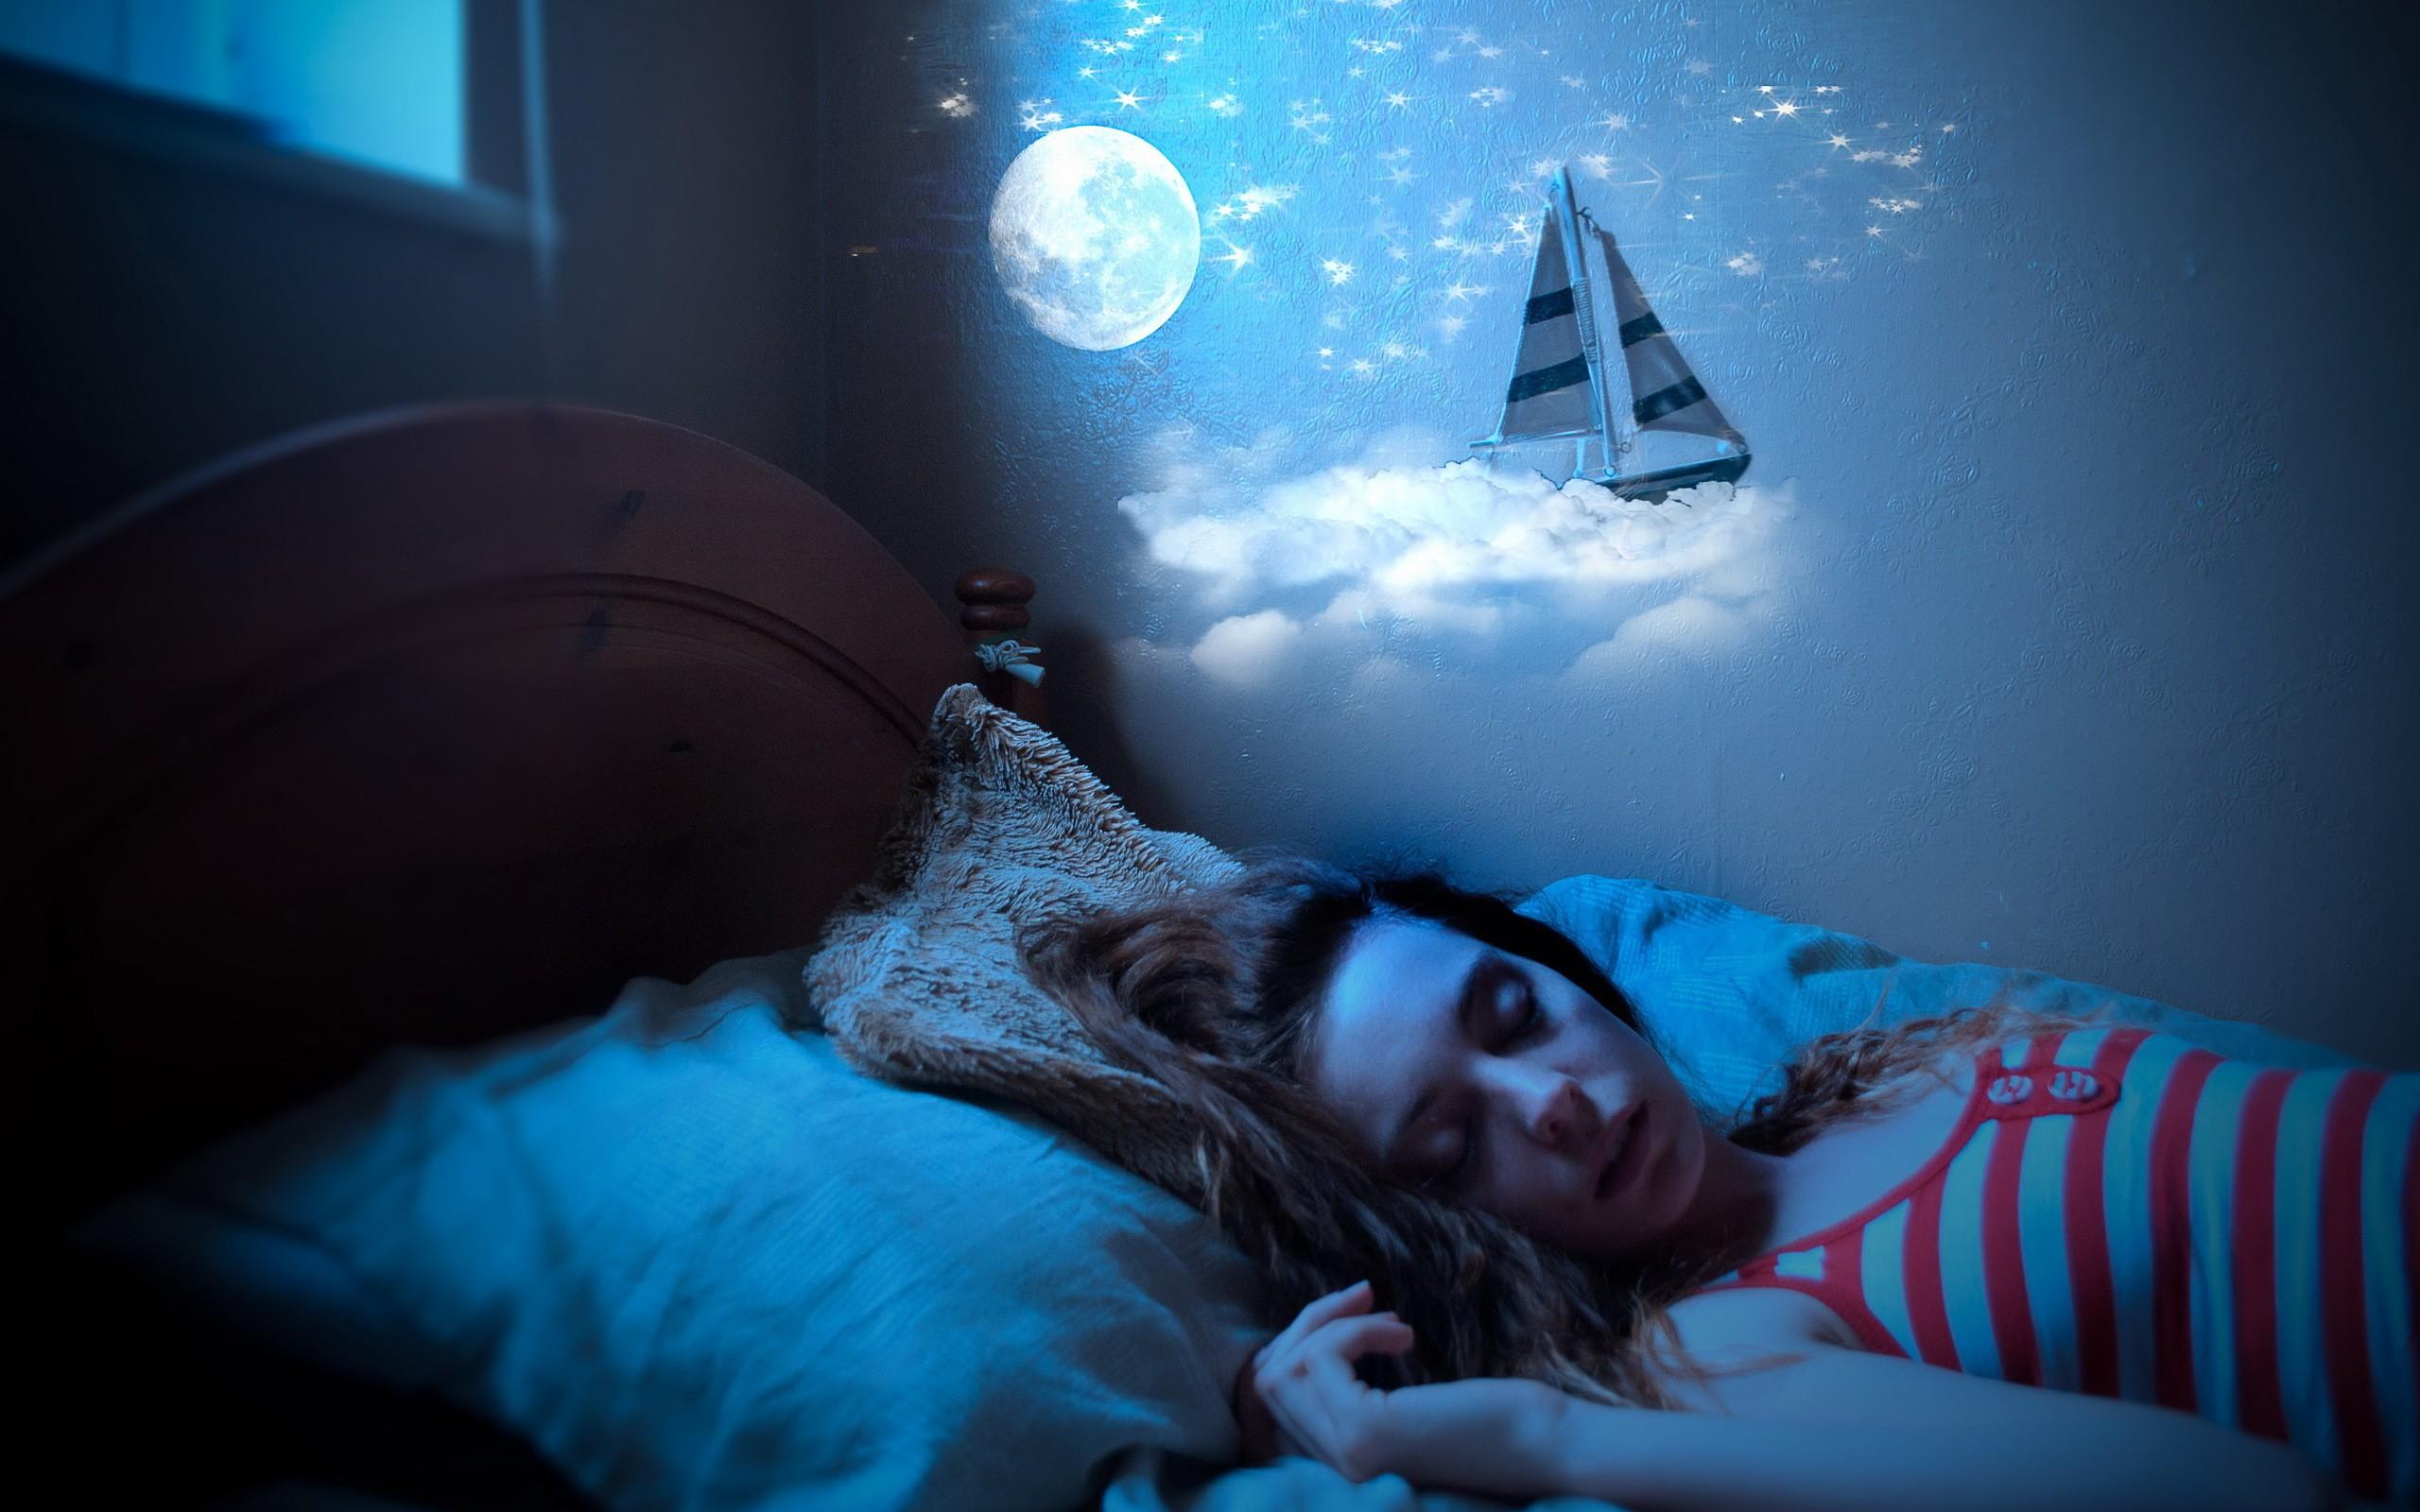 हॉलीवुड फिल्म इंसेप्शन की तरह वैज्ञानिकों ने सपनों में जाकर रियल टाइम में बातें की